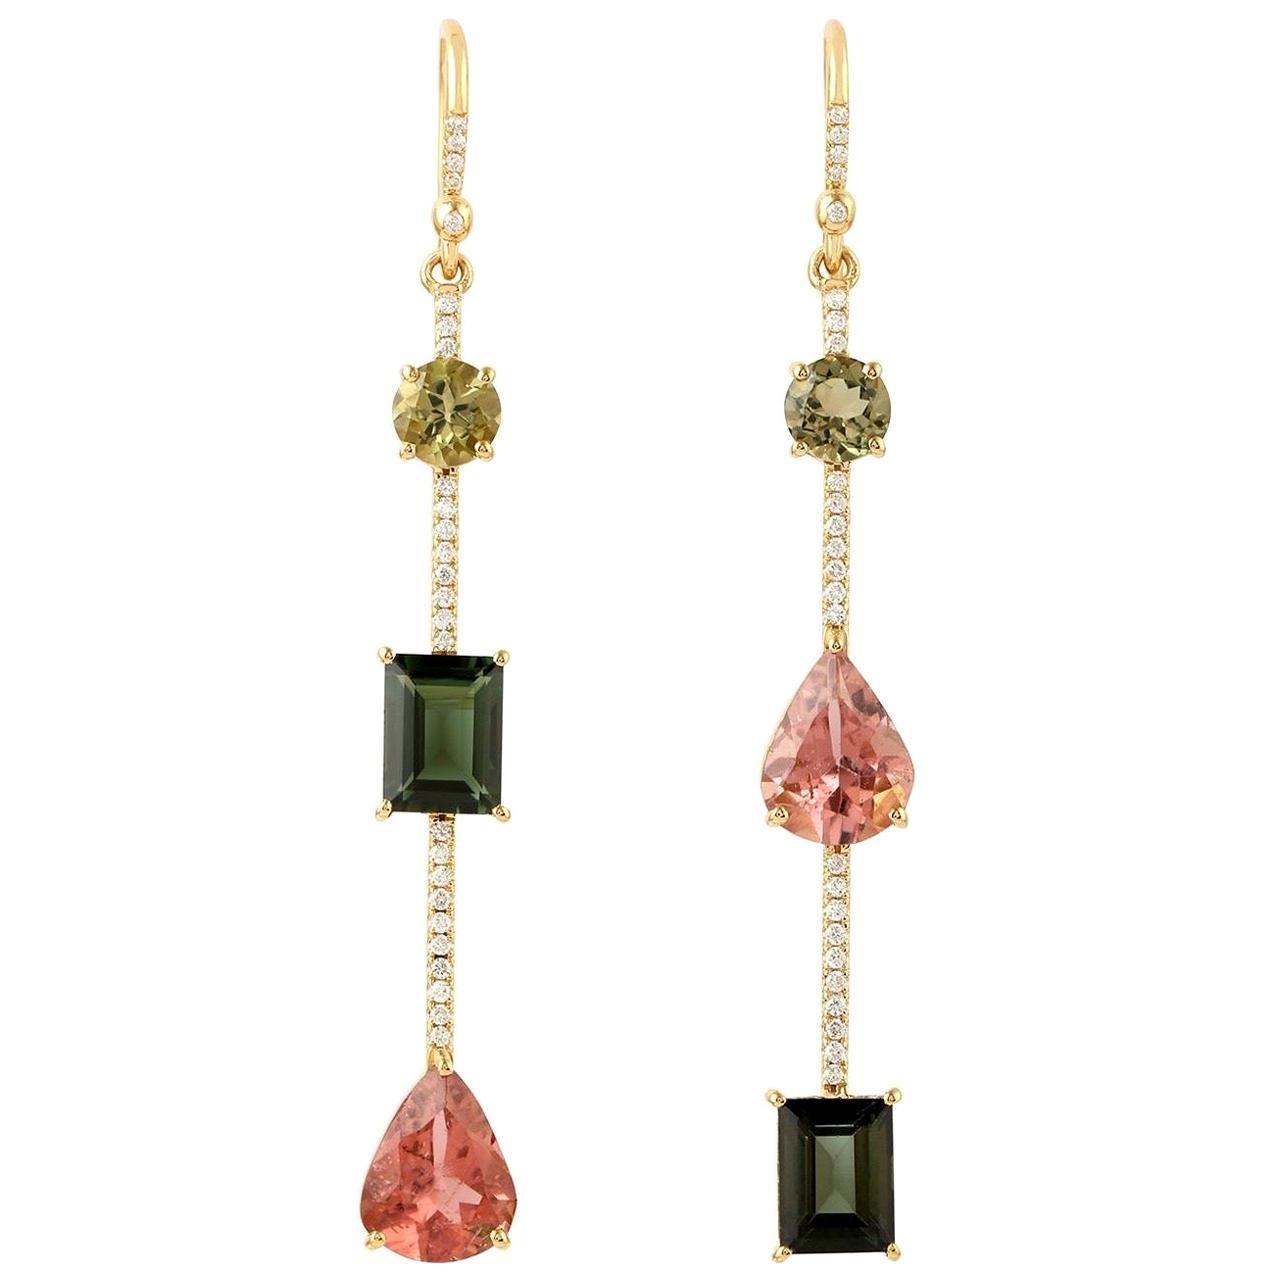 Tourmaline Diamond 18 Karat Gold Linear Earrings